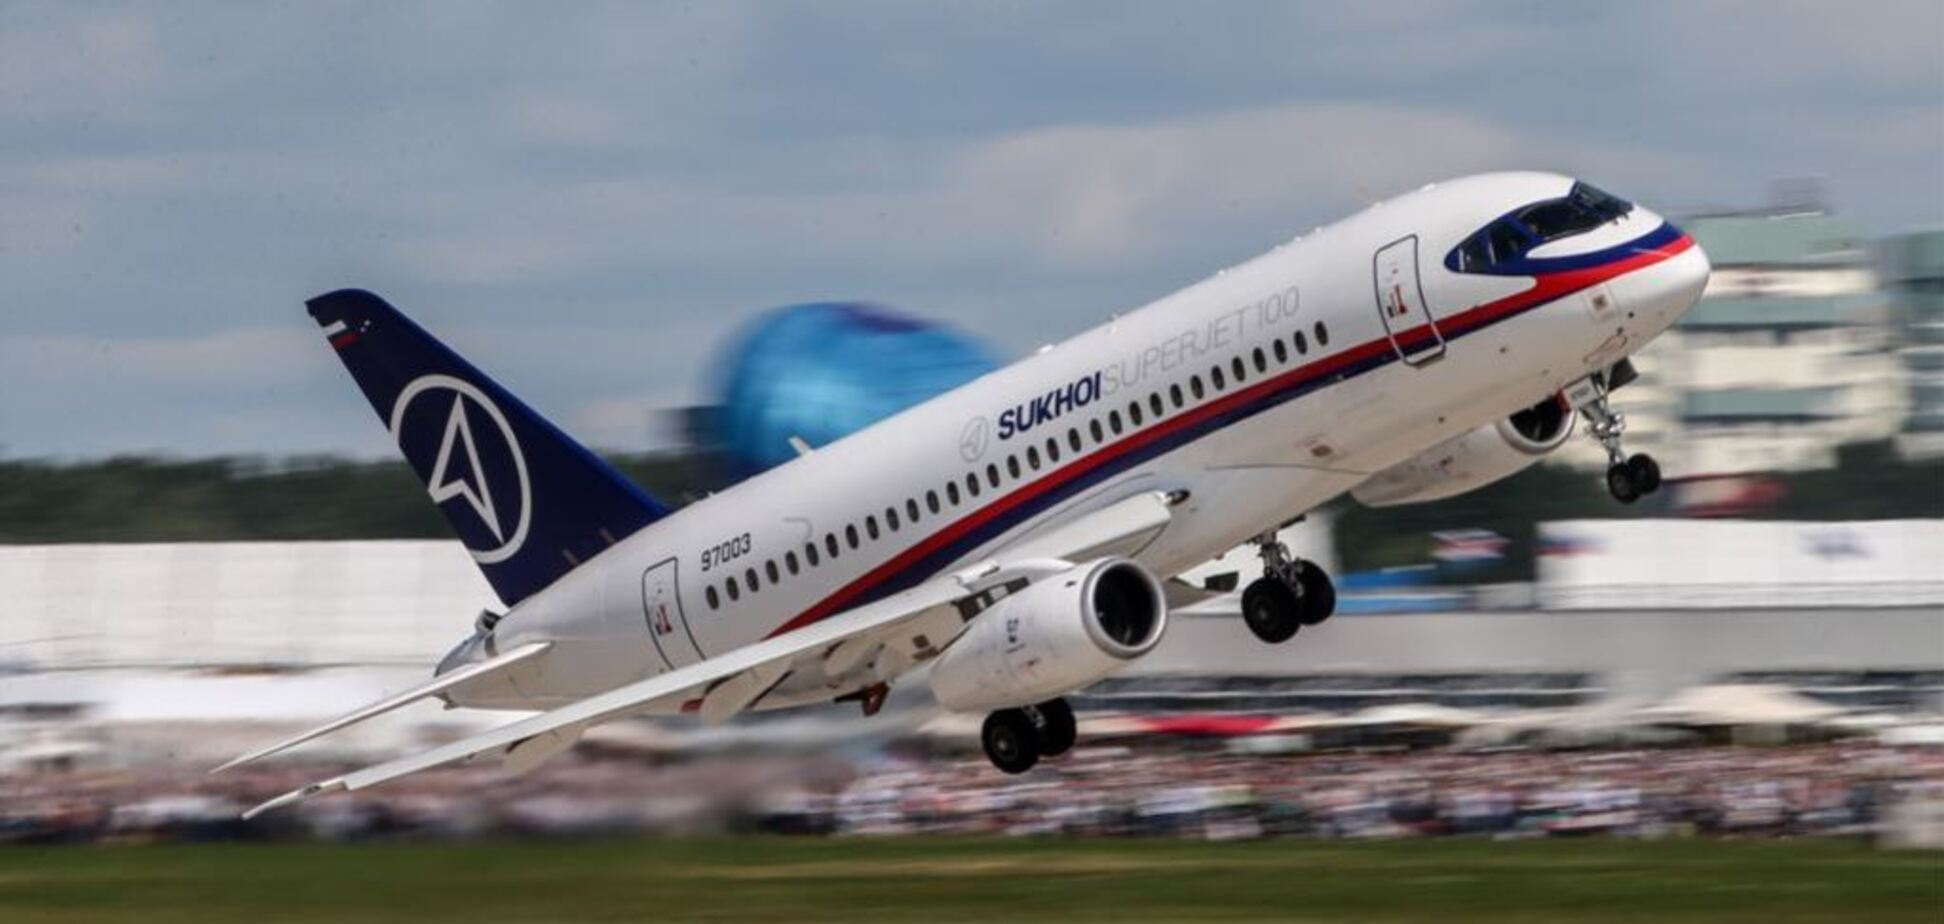 В России экстренно сел самолет с пассажирами: первые подробности